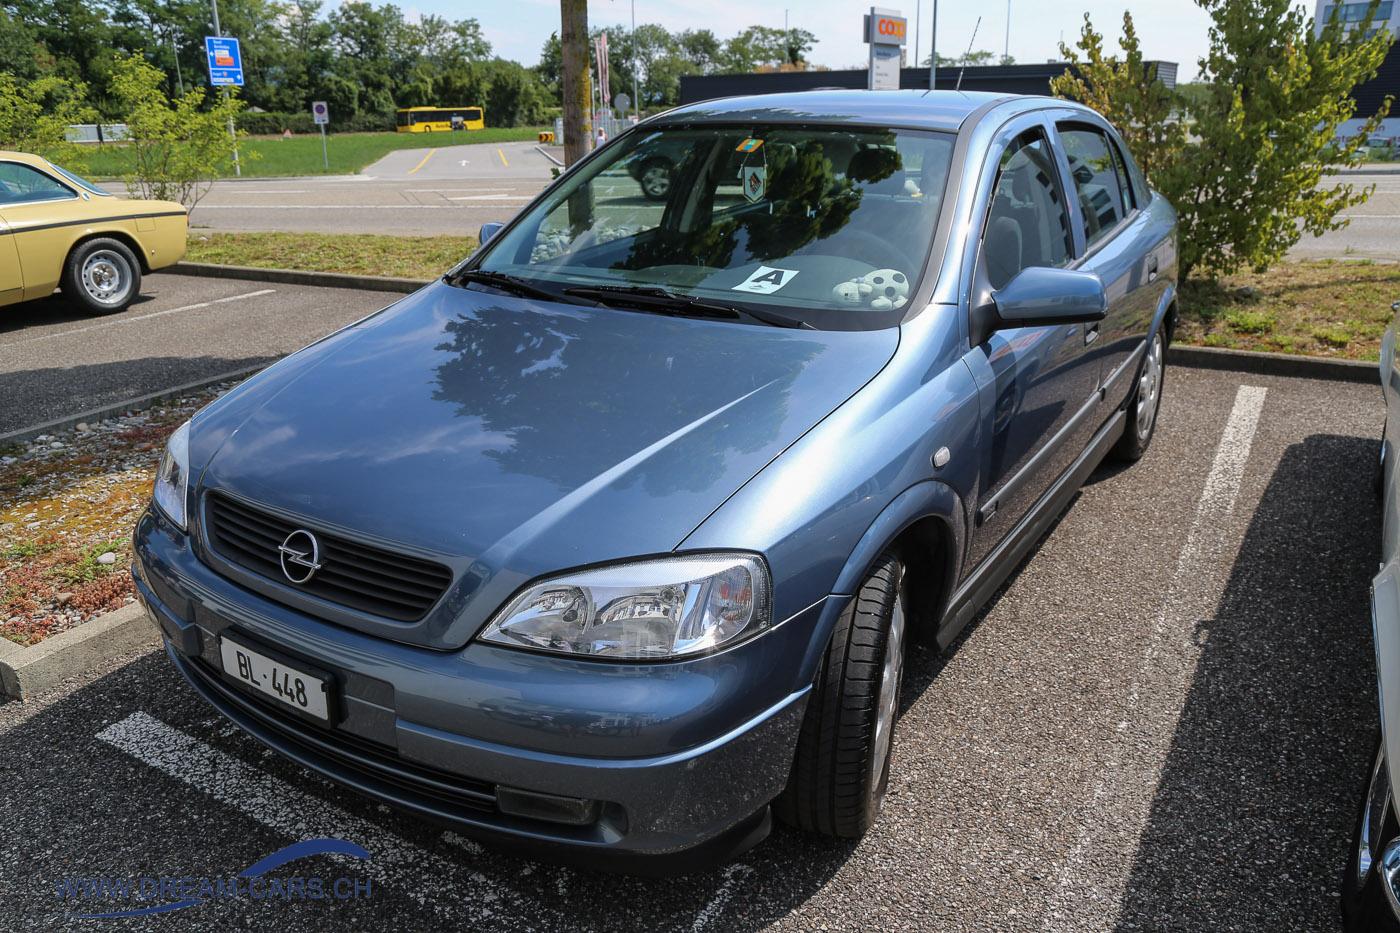 Youngtimer & Classic Pratteln, 14.07.2018. Ein Opel Astra aus den späten 90er-Jahren.